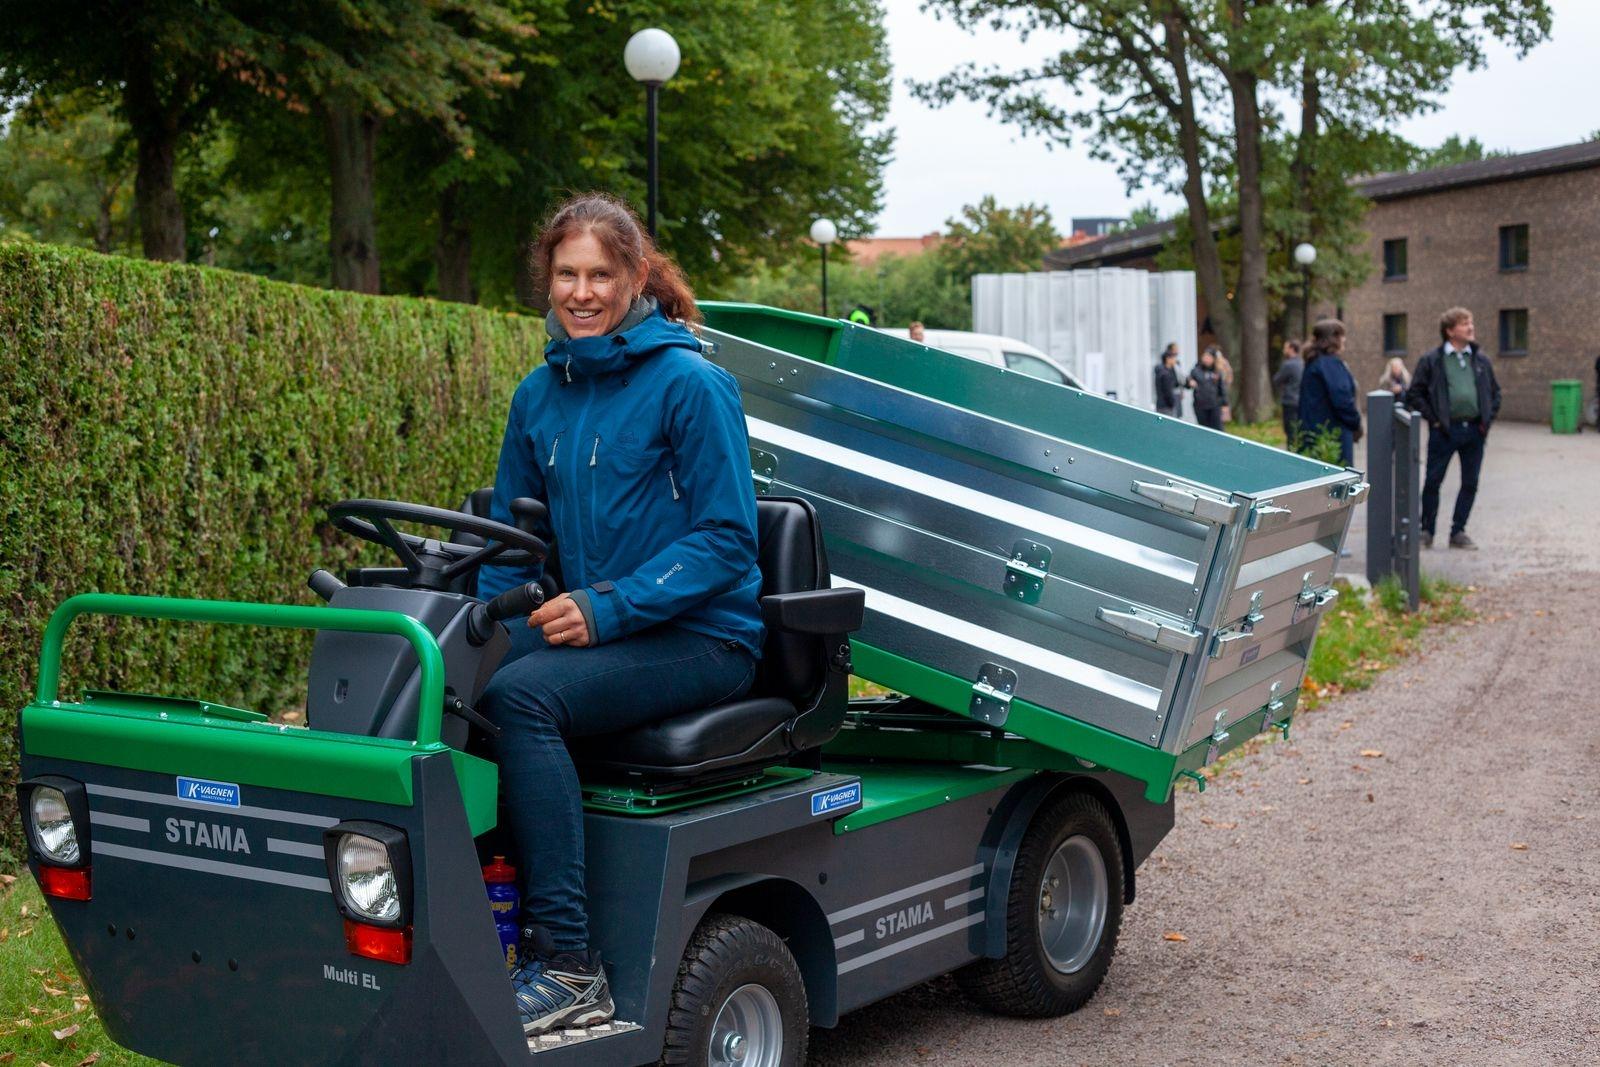 Lena Jakobsson som är kyrkogårdsvaktmästare vid Nybro pastorat passade på att prova ett eldrivet fordon med tippbart släp. – Det är kul att se nya produkter och arbetsredskap, framförallt batteridrivna som är tystare.